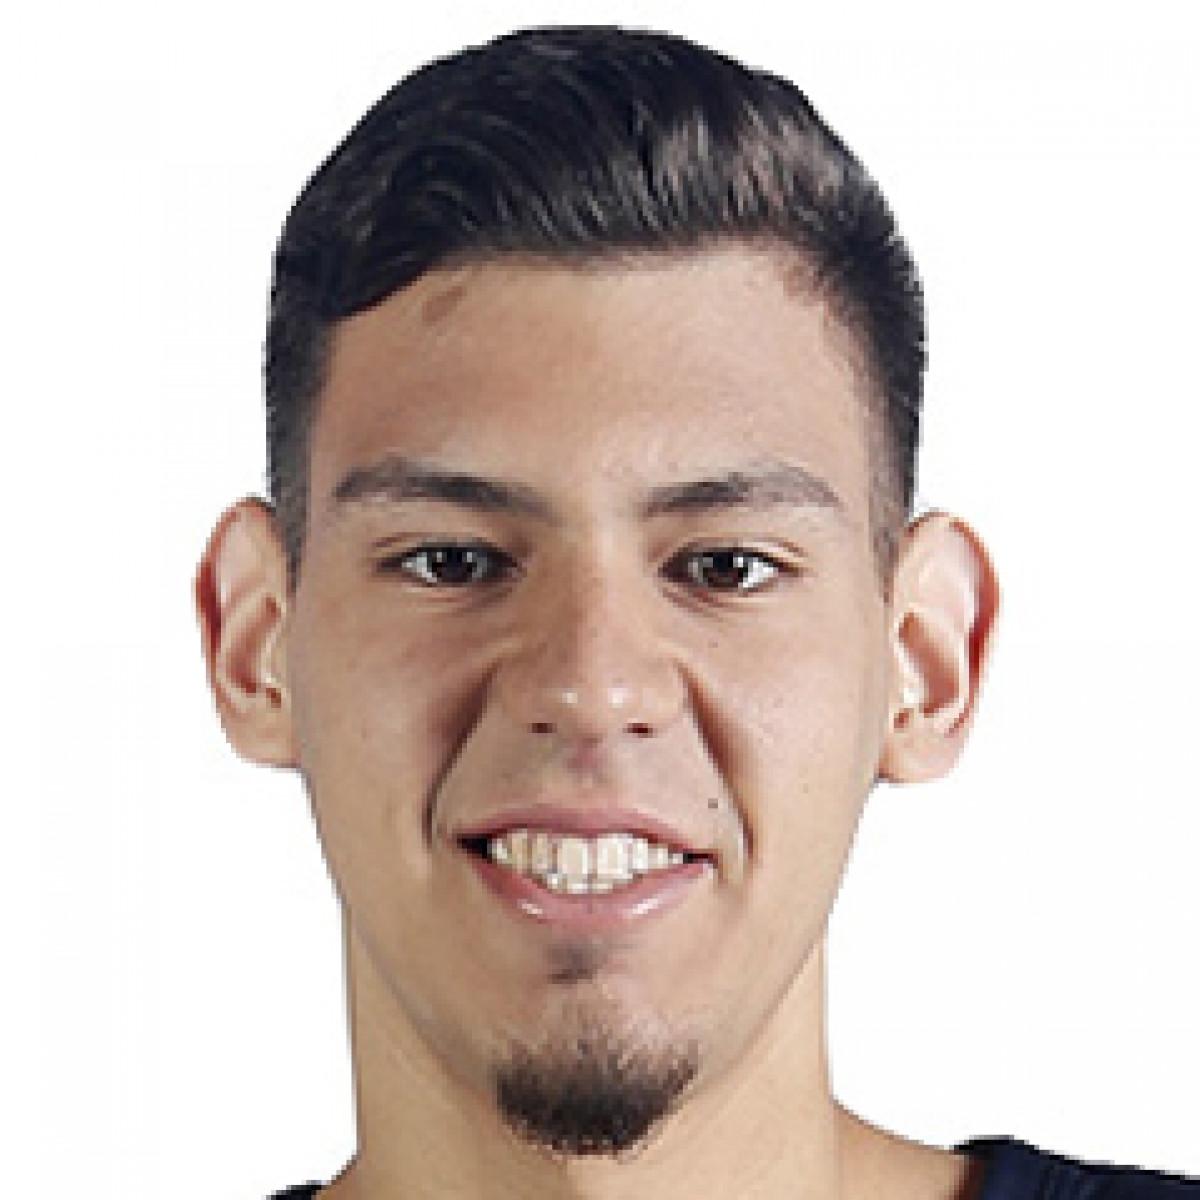 Juan Germano